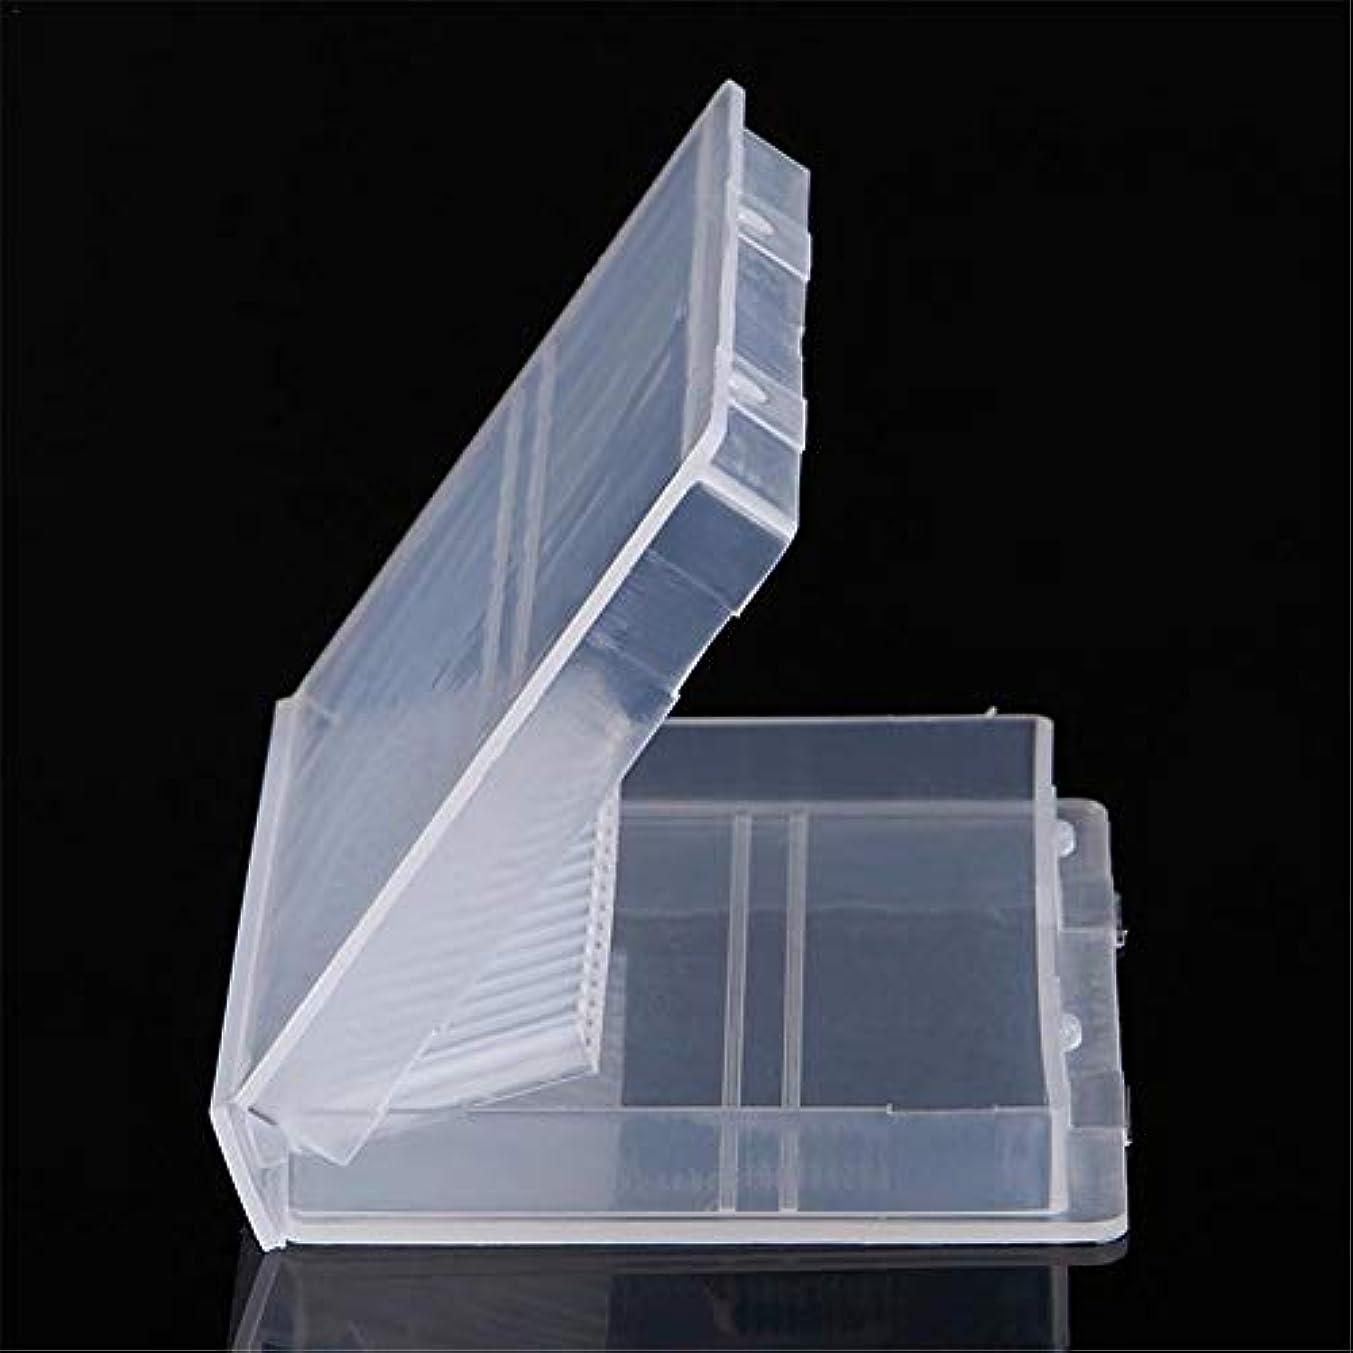 秋ハブアラバマRuier-tong ネイルドリル 収納ケース ネイルビッドセット 研削ネイル用 透明 プラスチック 20穴 ネイル研削ヘッド収納ボックス